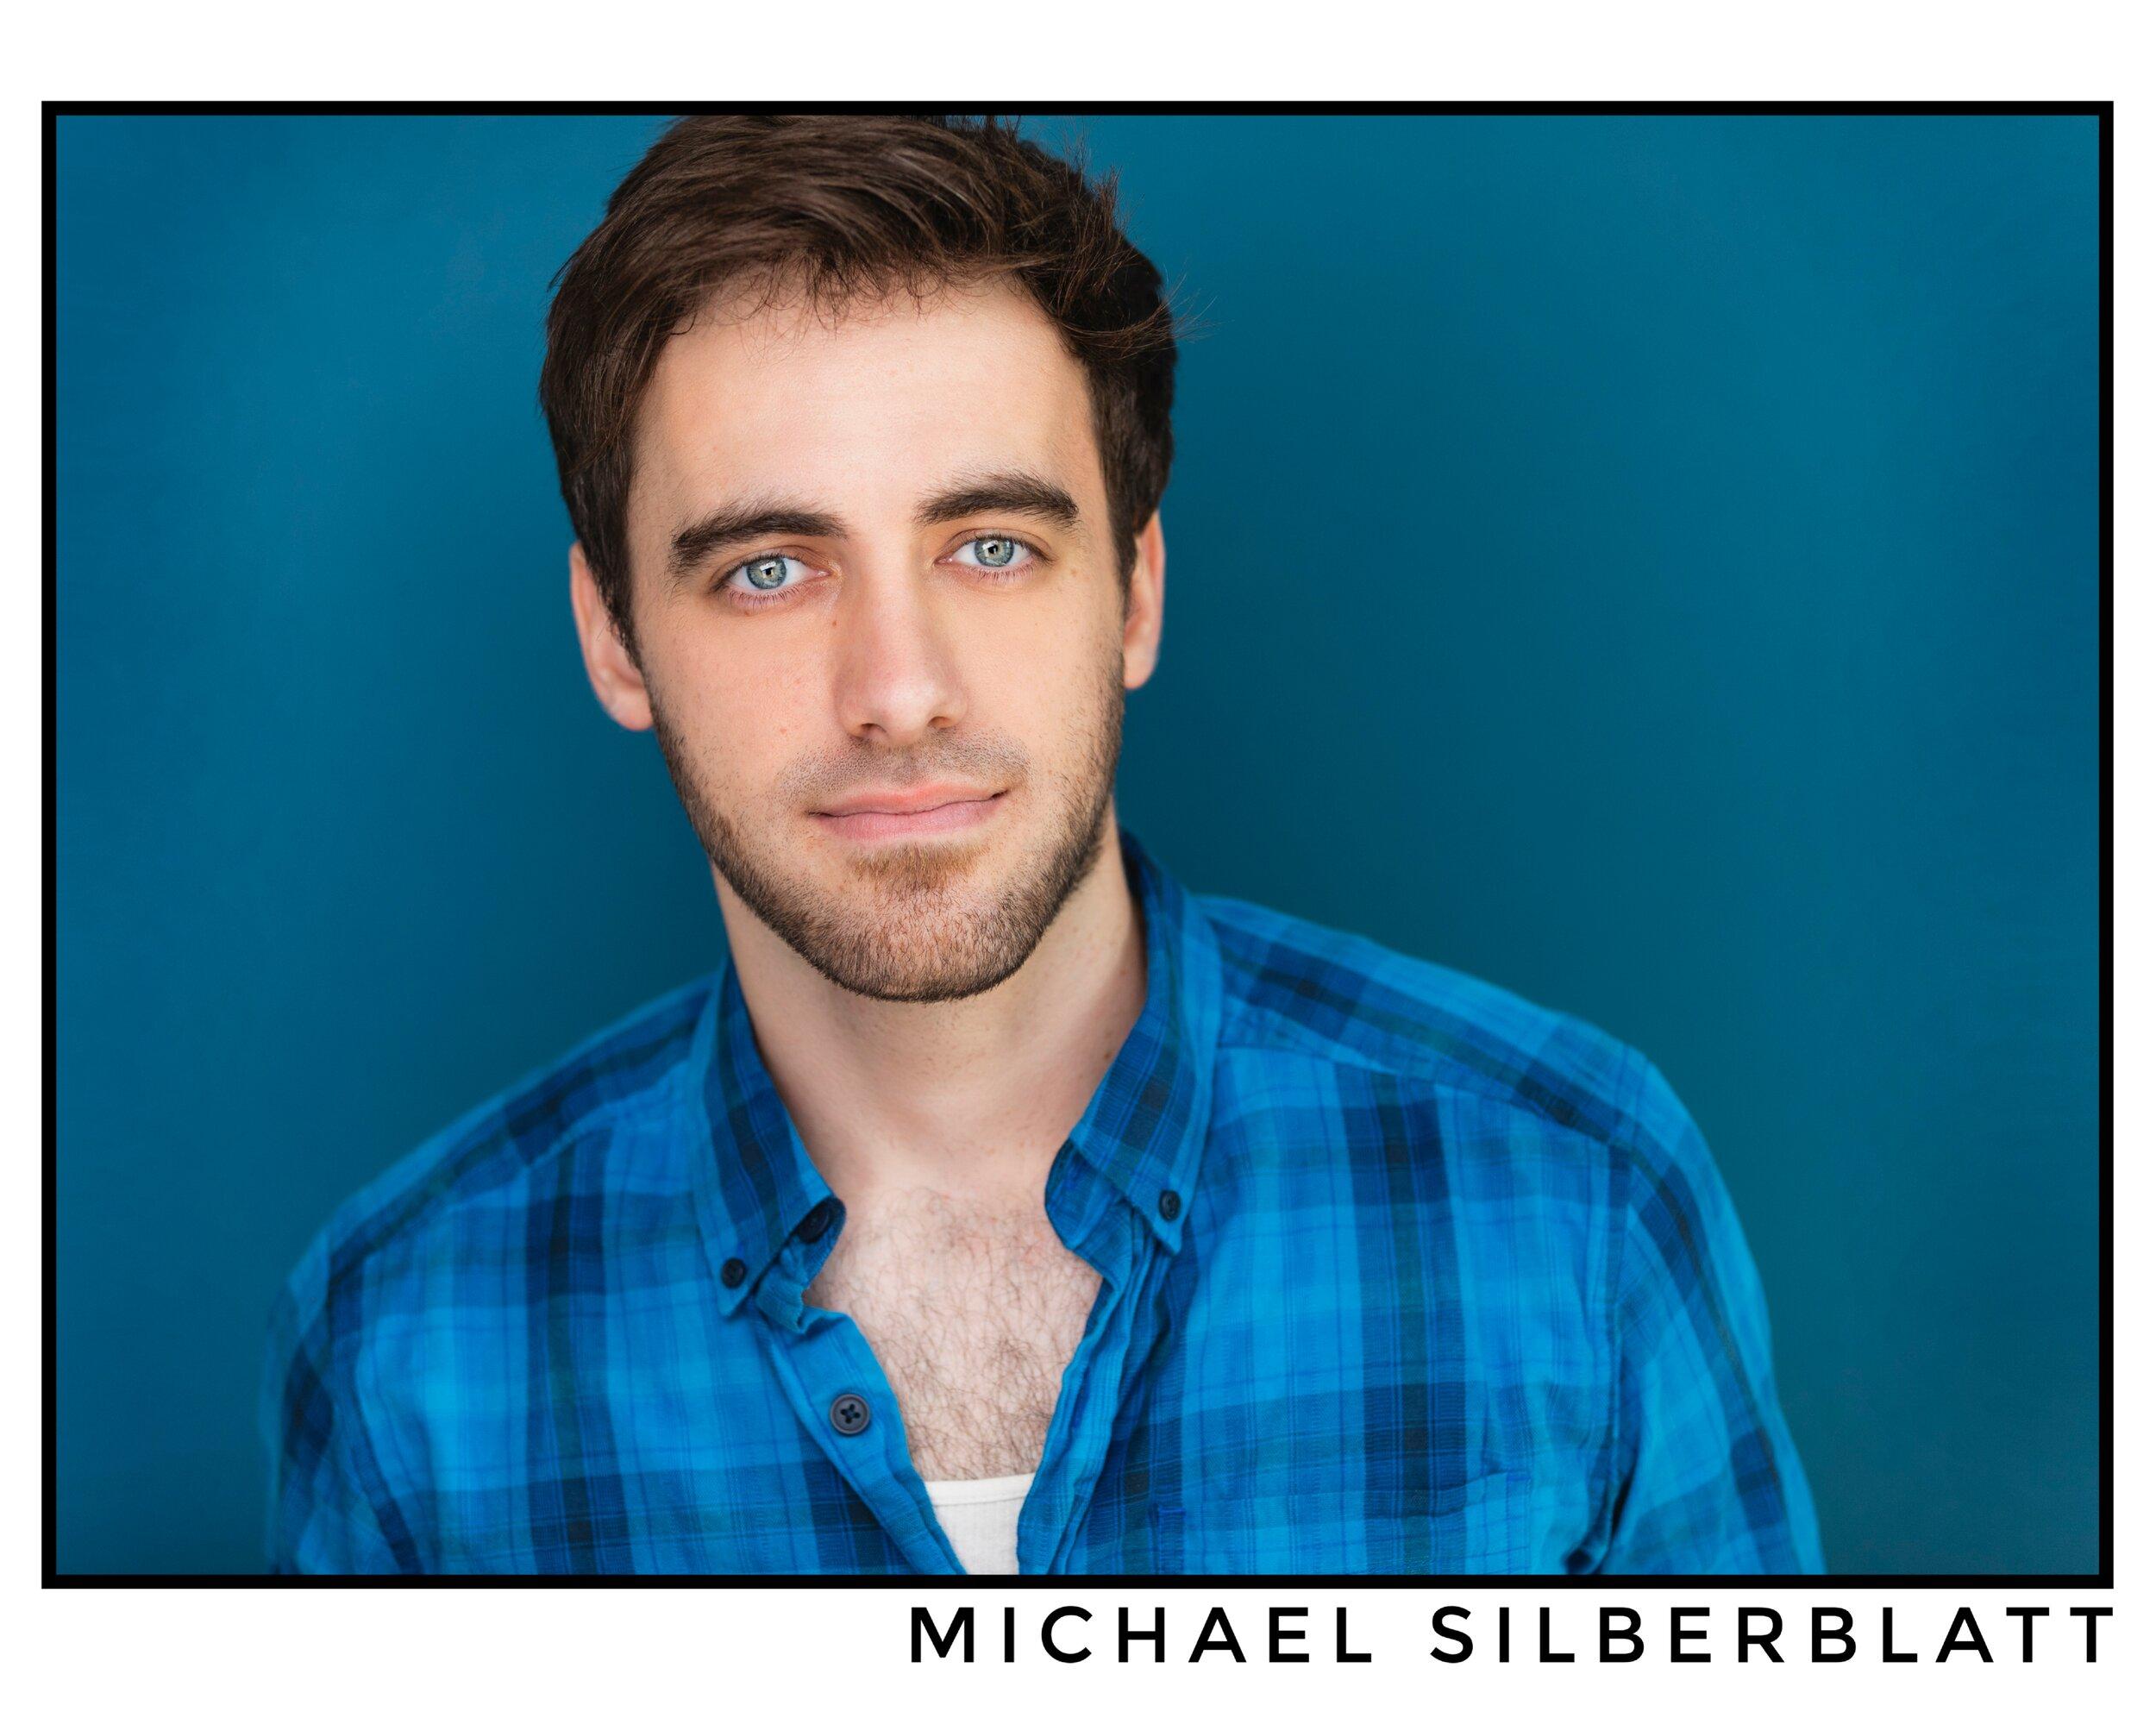 Michael Silberblatt Headshot